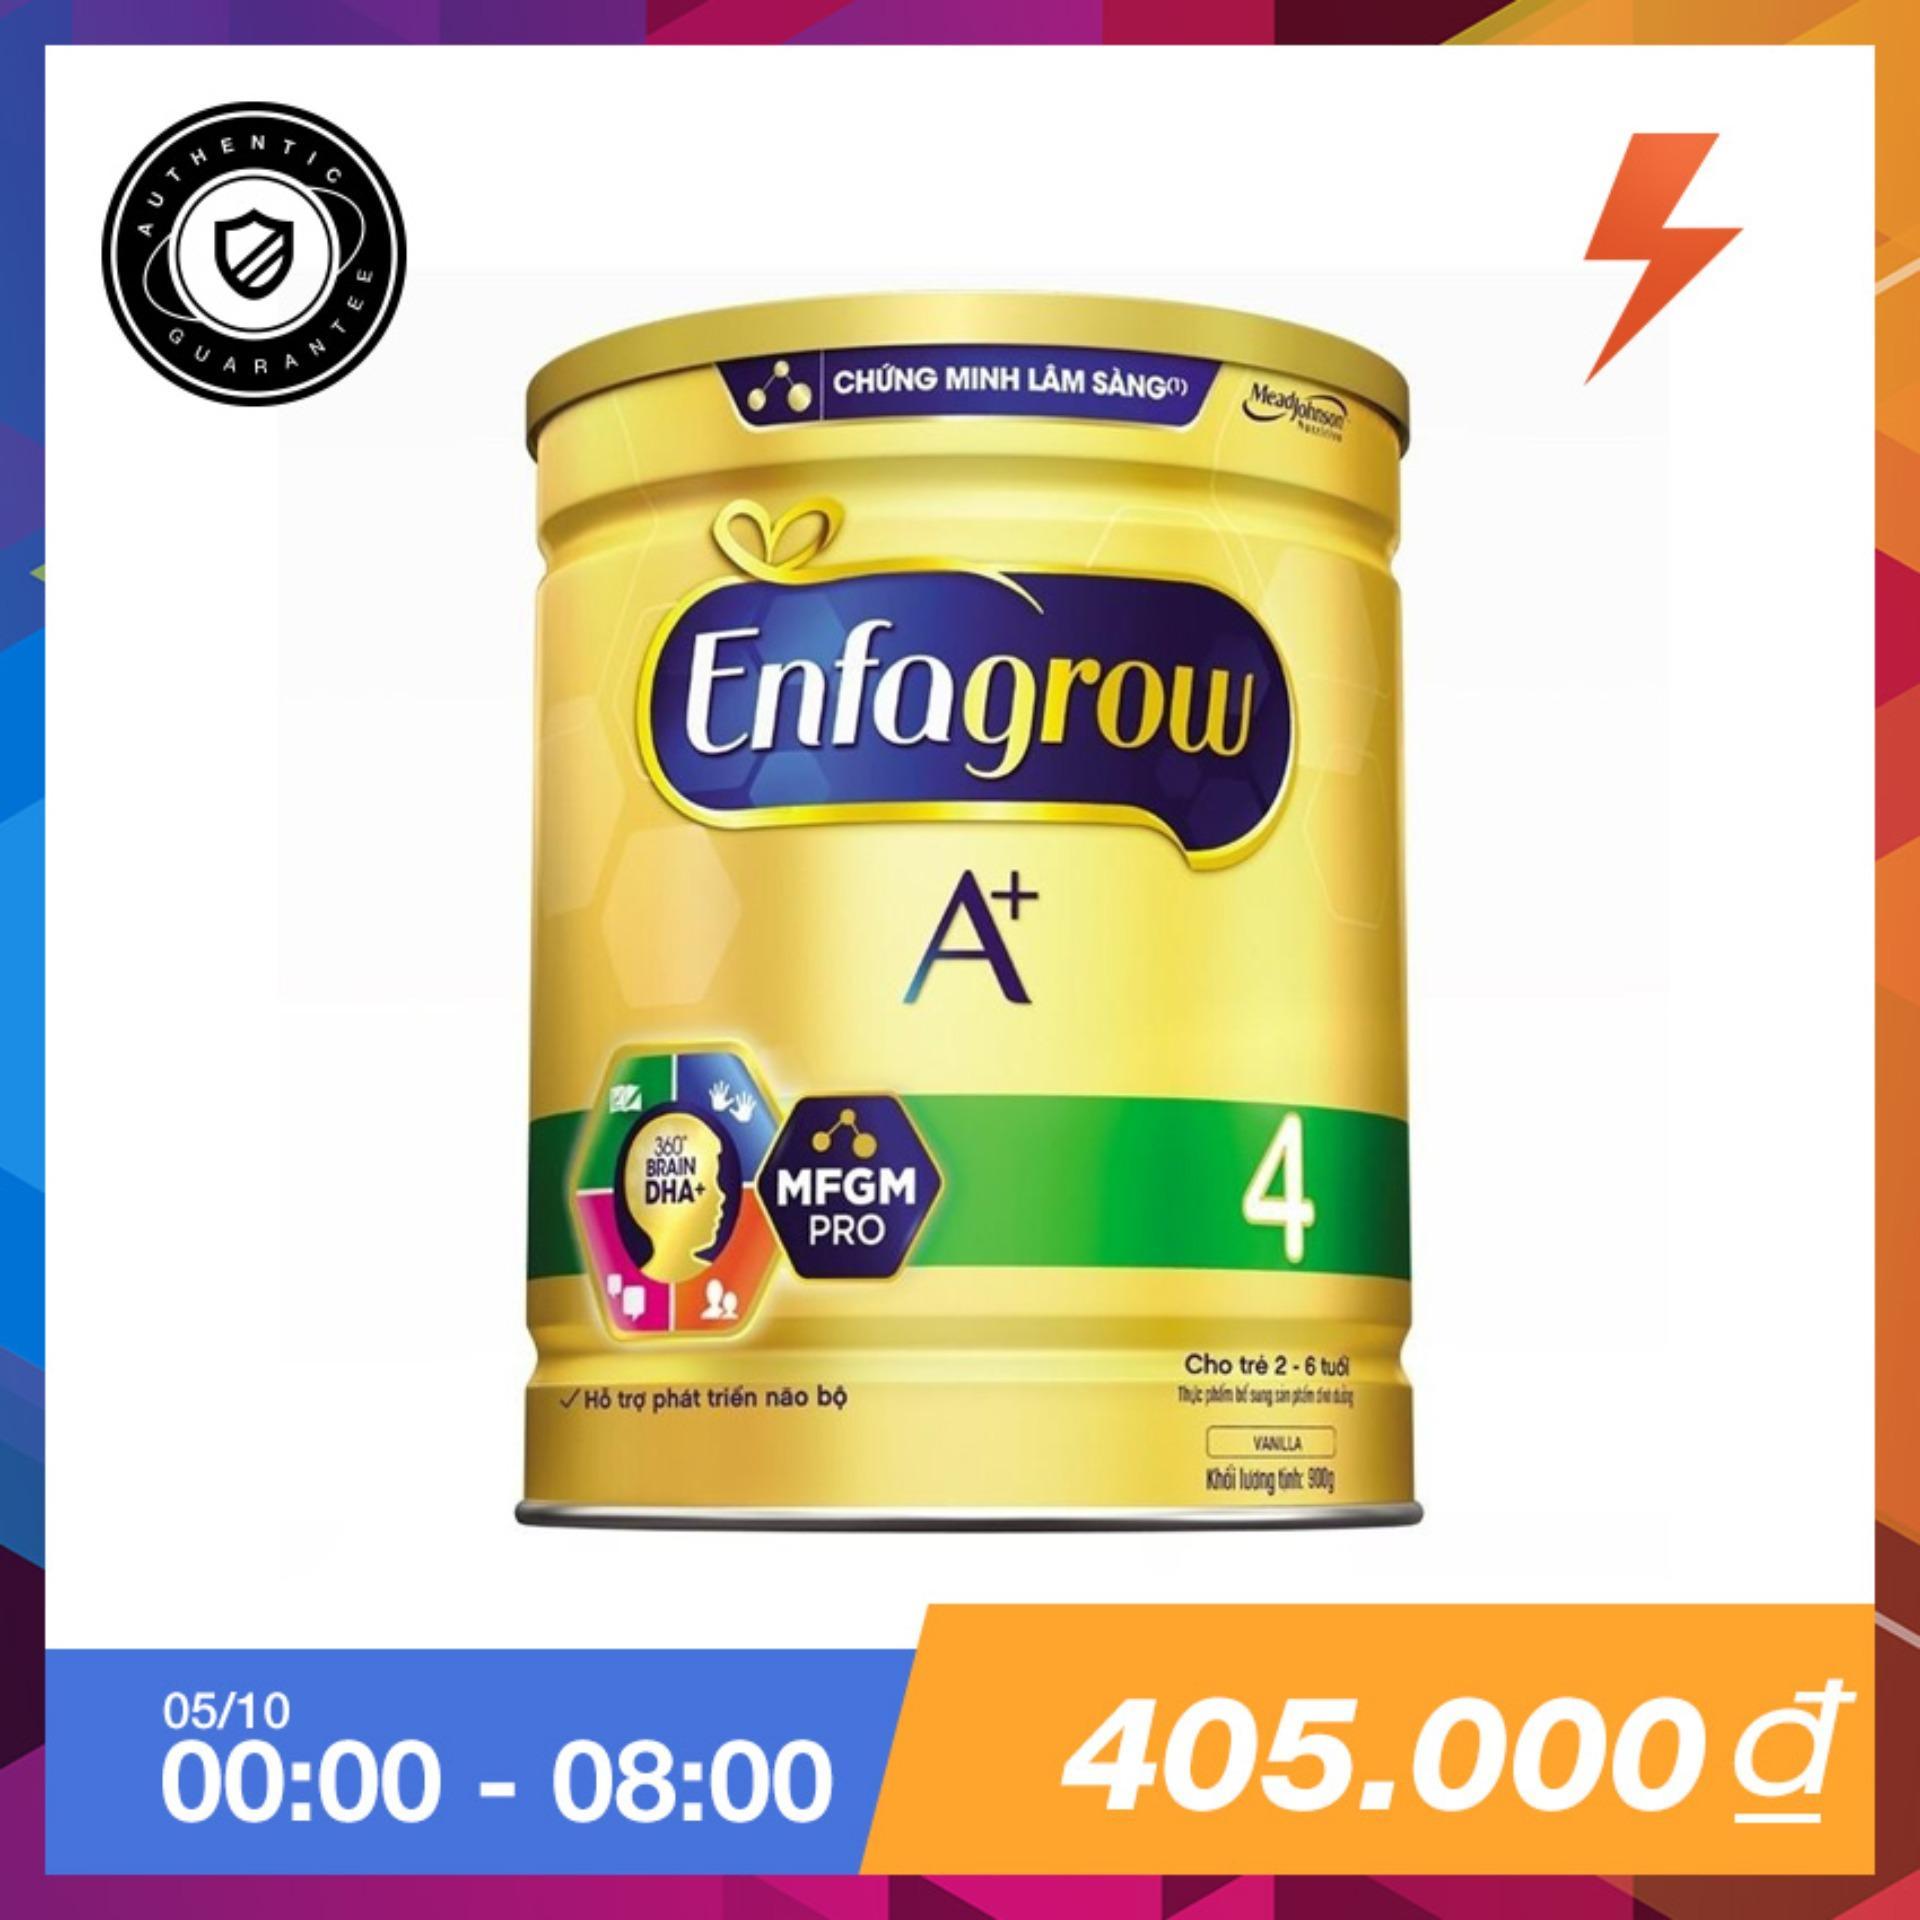 Ôn Tập Sữa Bột Enfagrow A 4 Dha Va Mfgm 900G Enfa